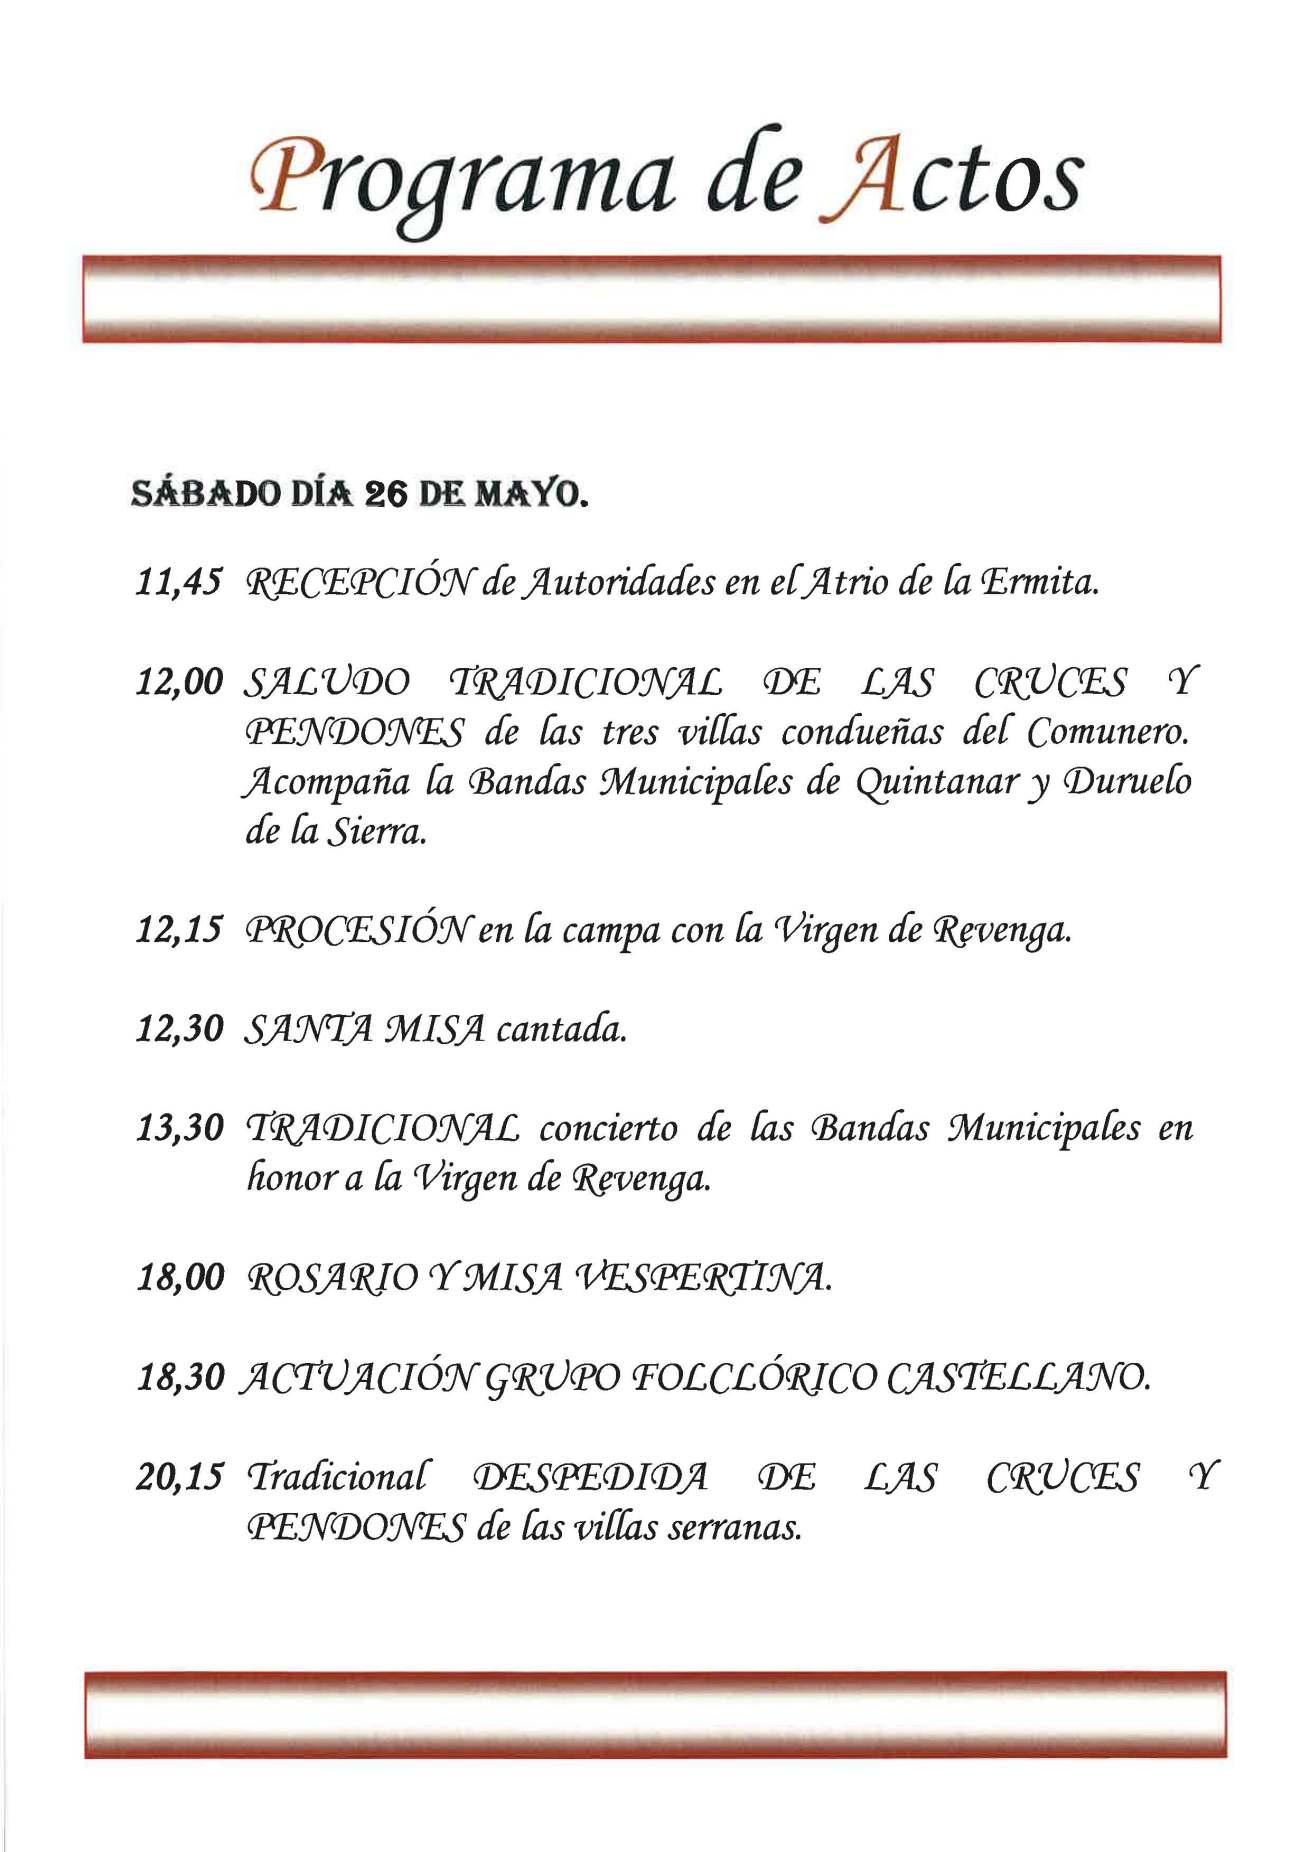 Romería de Nuestra Señora de Revenga este sábado 26 de mayo